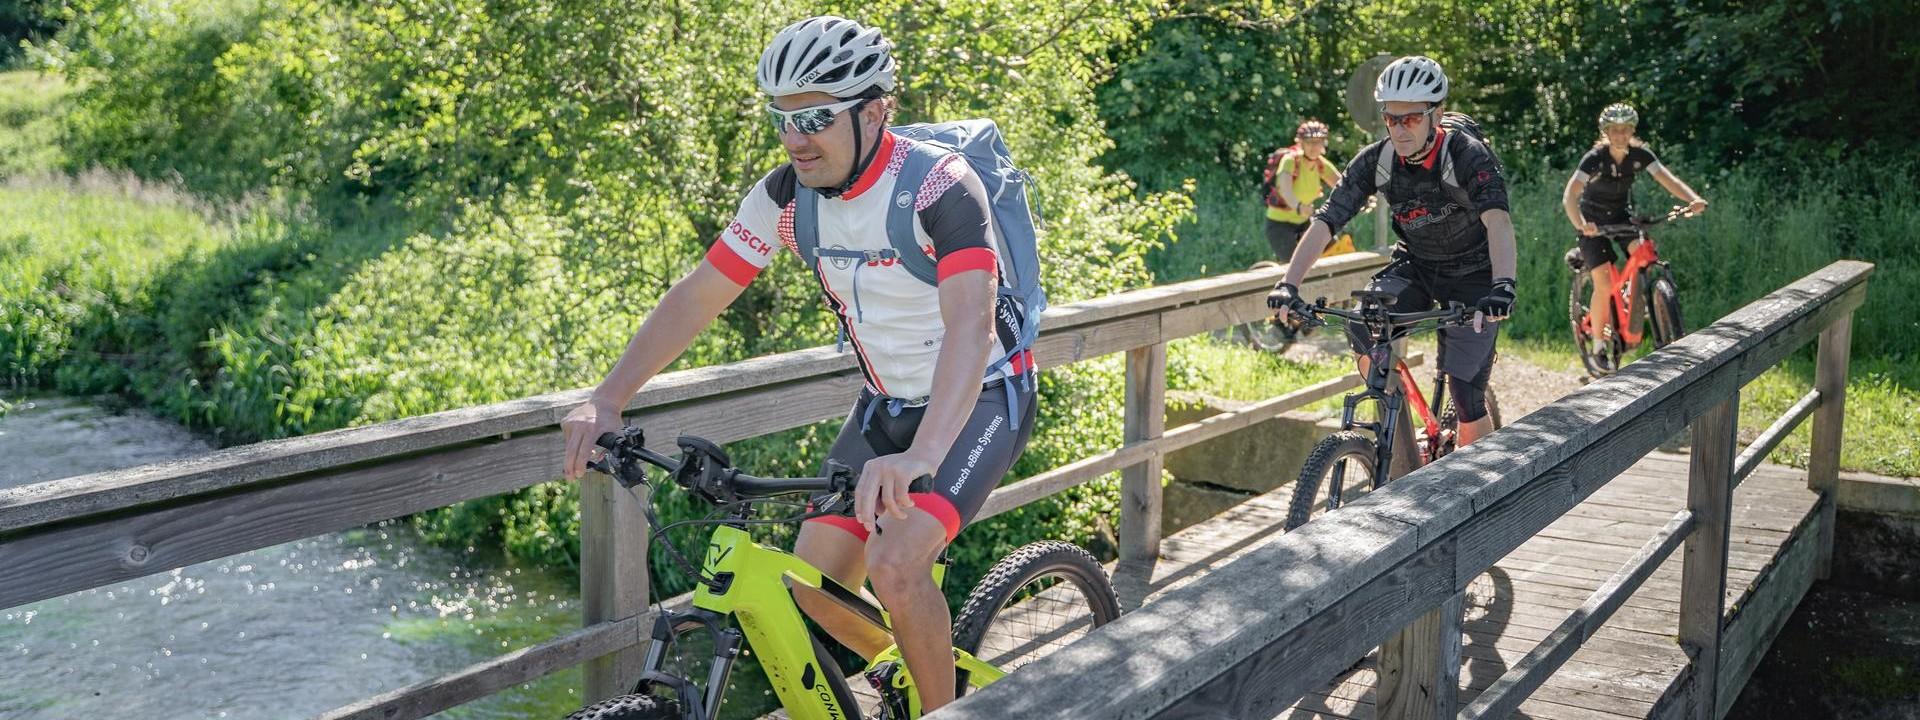 E-Bike Touren im Großen Lautertal in Münsingen im Biosphärengebiet Schwäbische Alb.